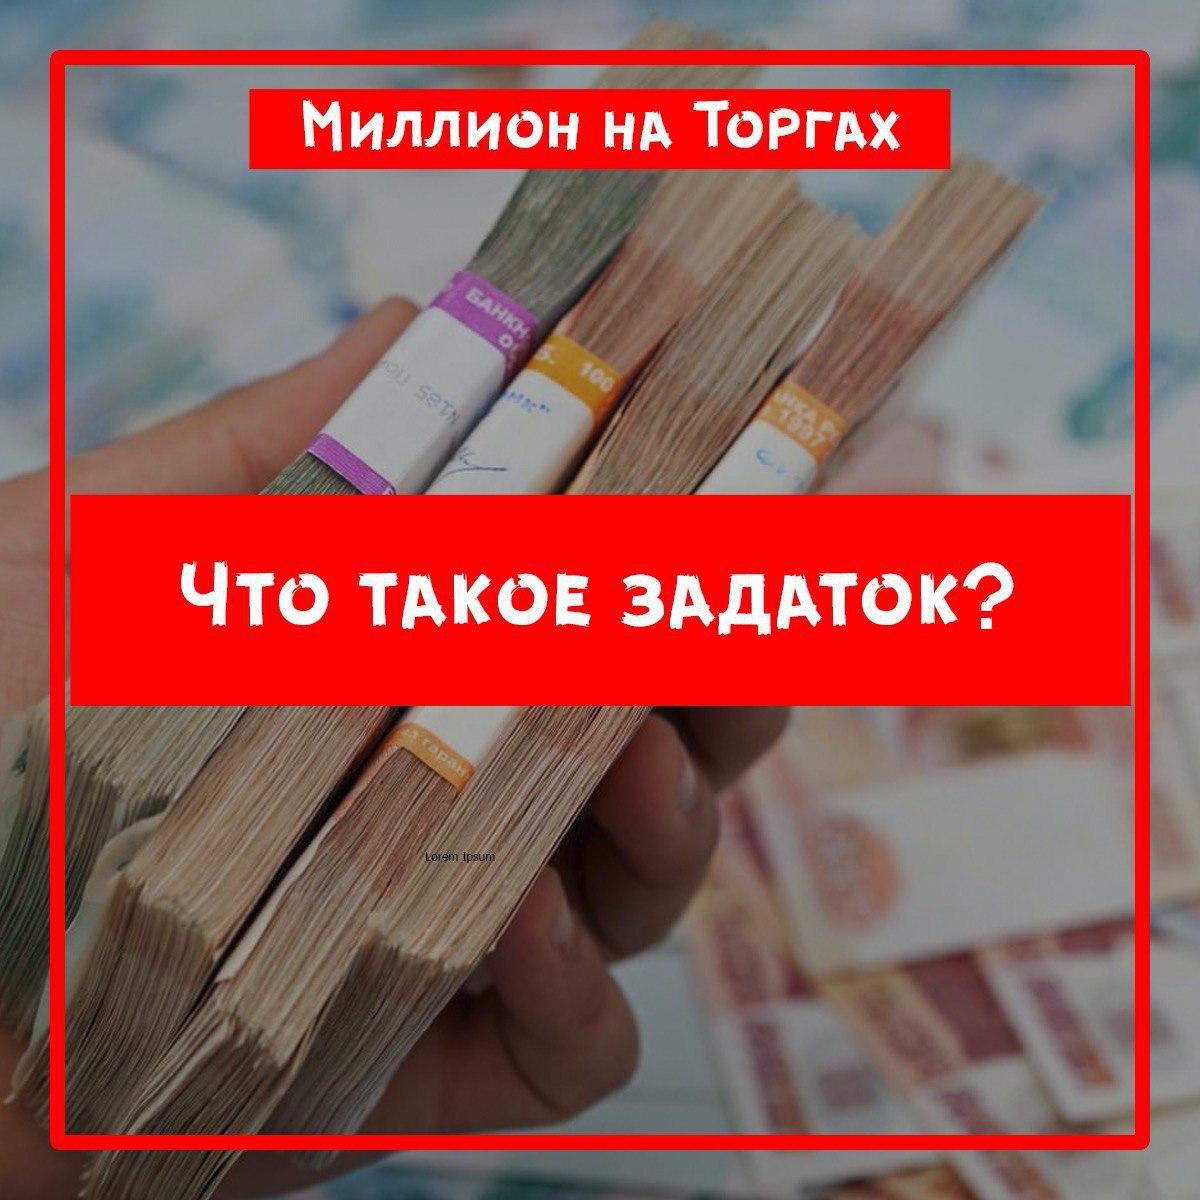 Договор задатка при покупке квартиры | novostroev: новостройки москвы | яндекс дзен